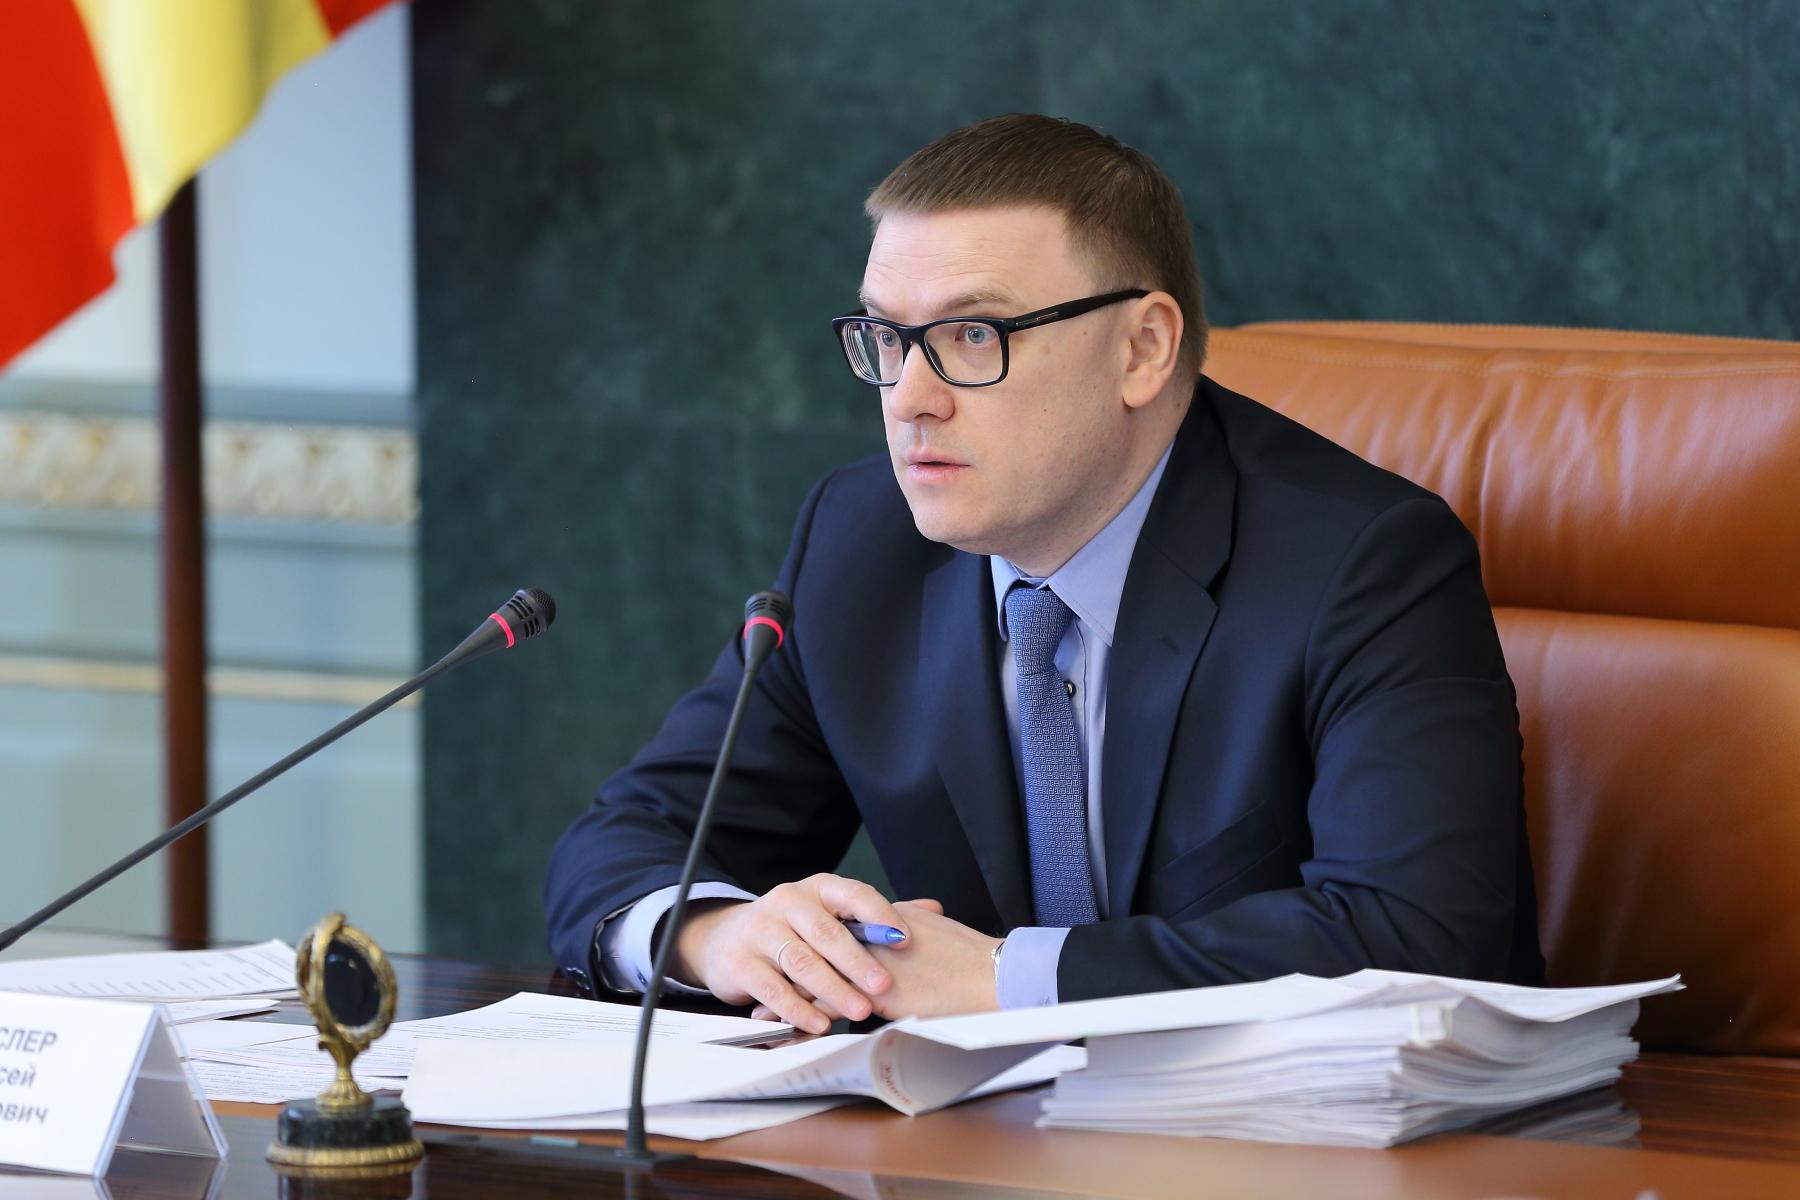 Официальный аккаунт временно исполняющего обязанности губернатора Челябинской области Алексея Тек